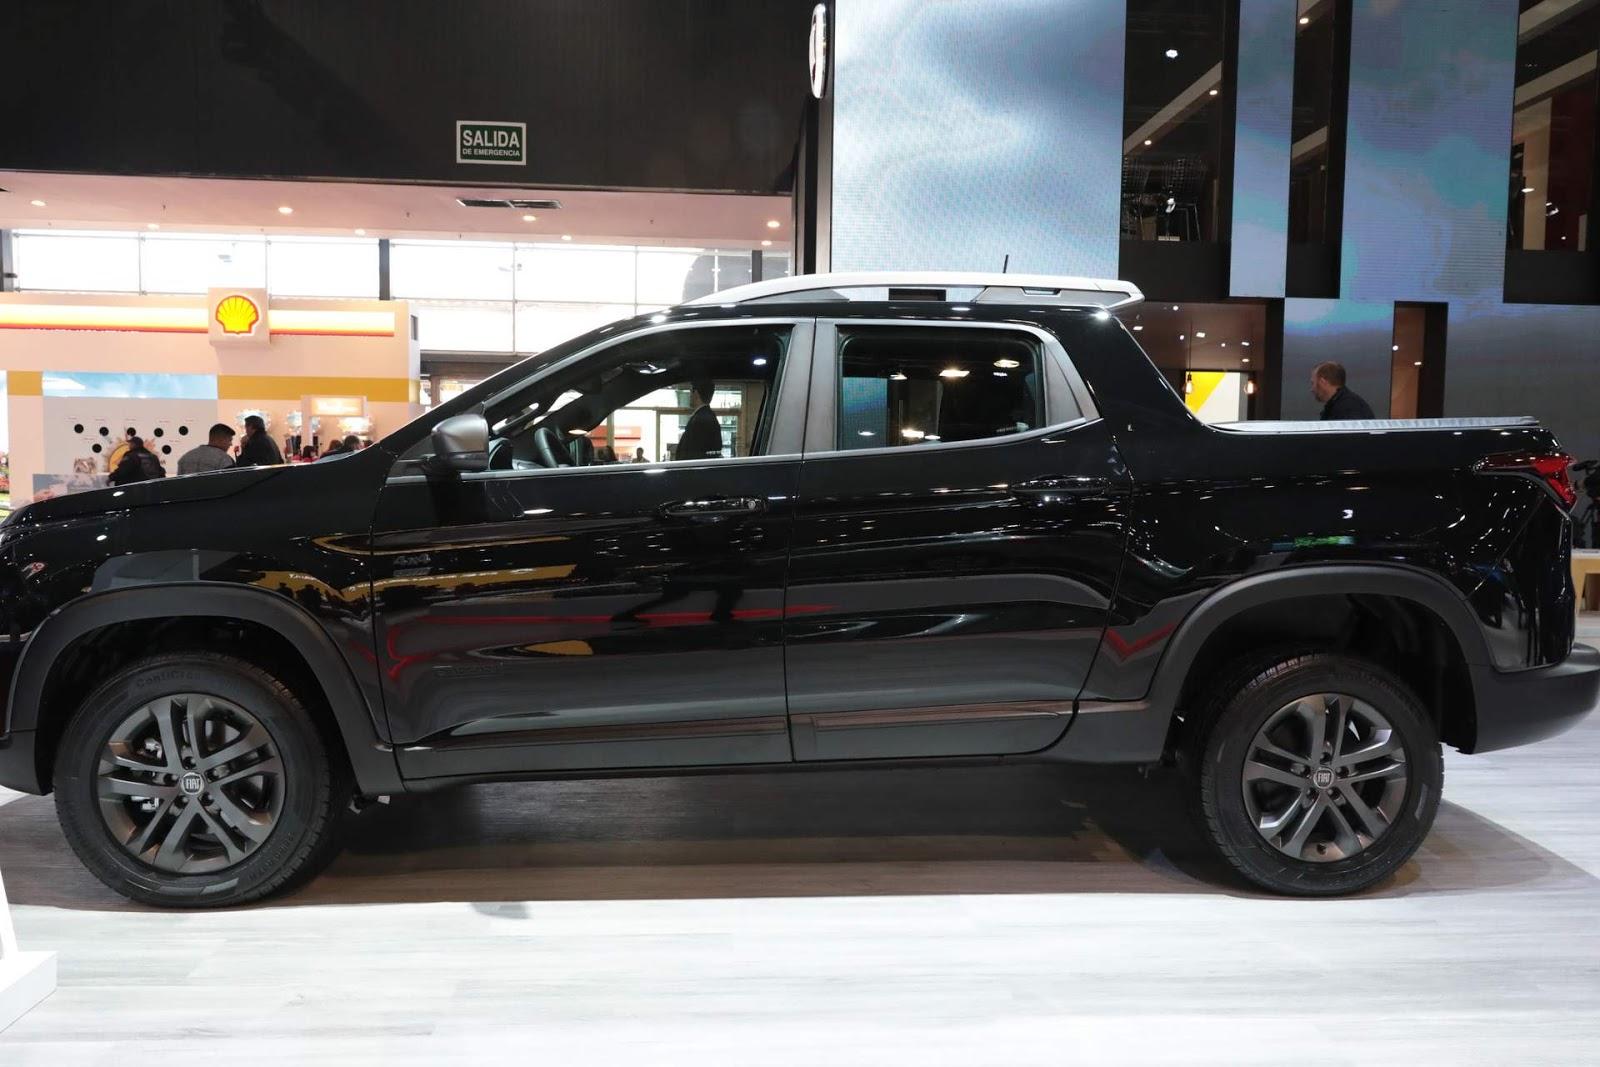 Chrysler blackjack